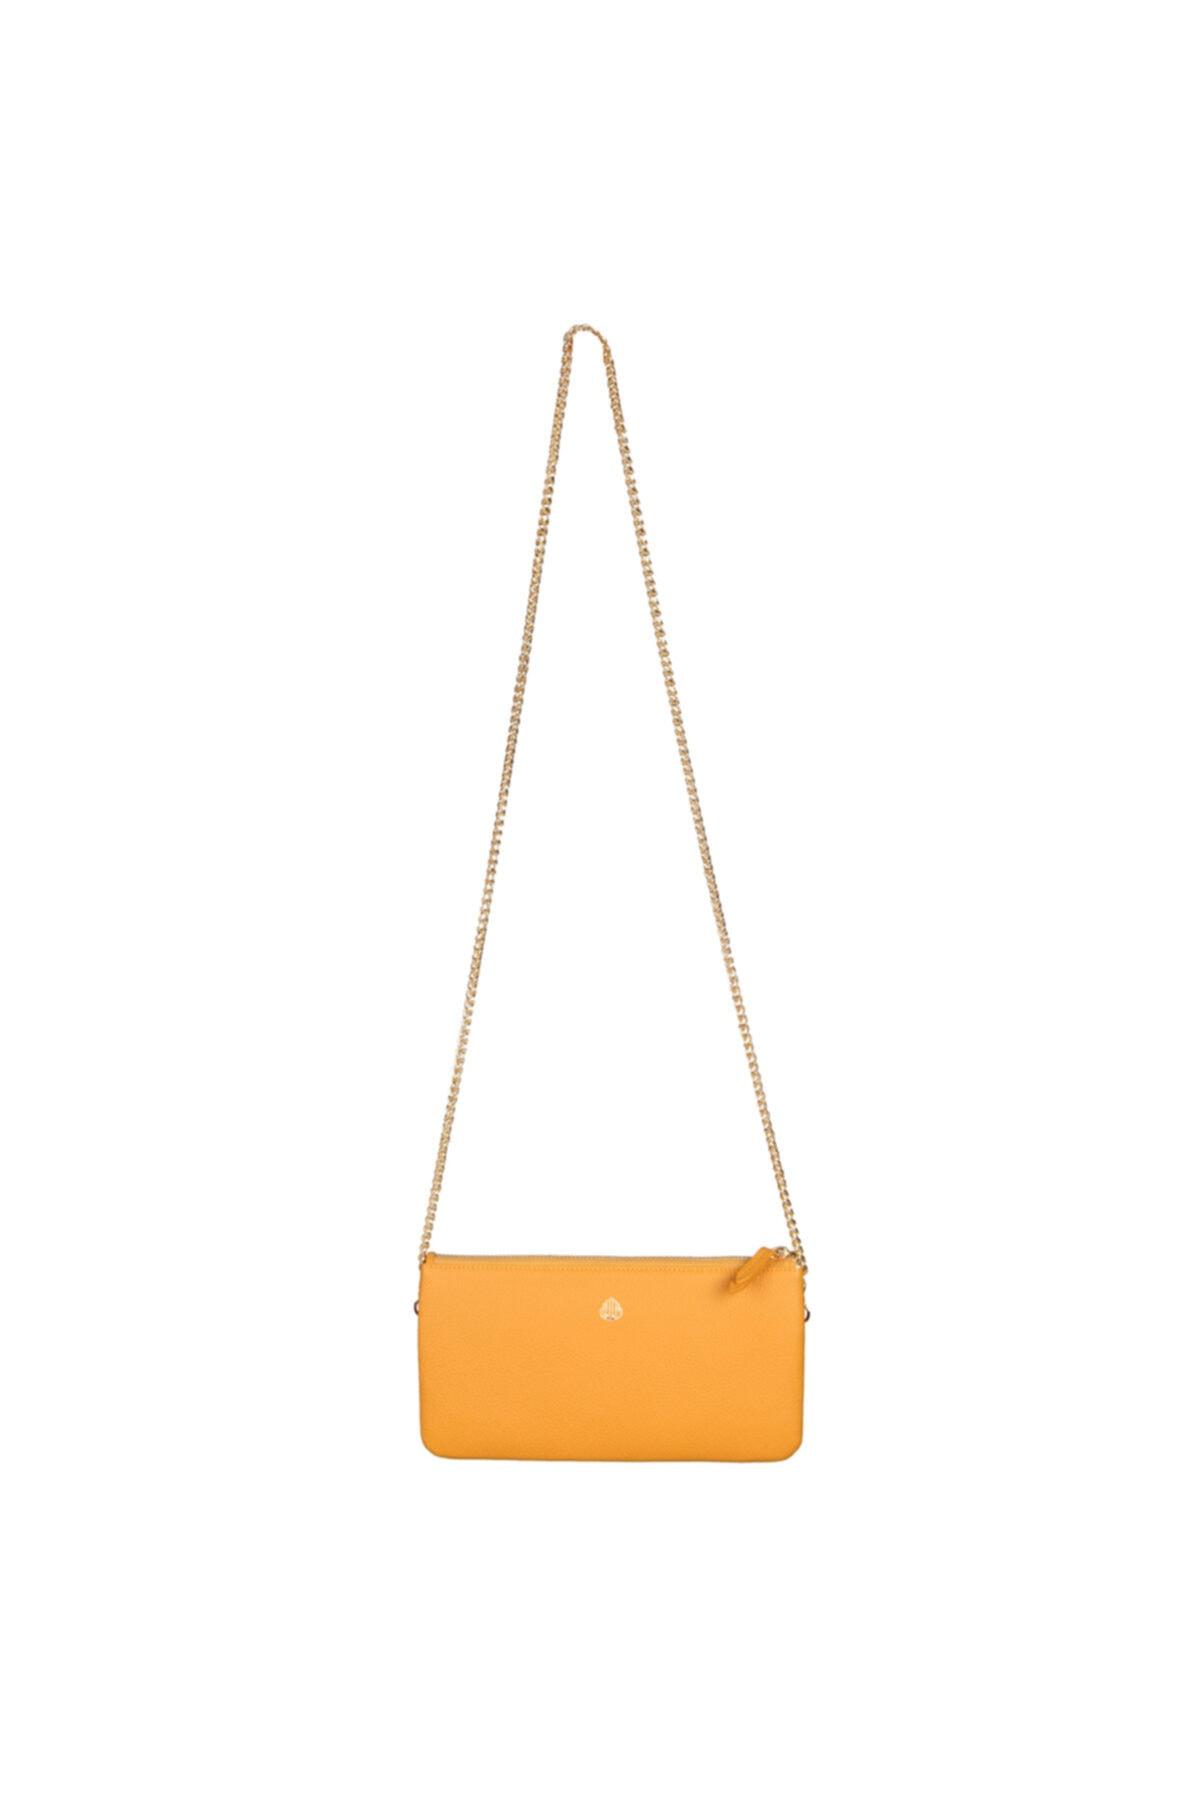 خرید انلاین کیف مجلسی طرح دار برند Ipex Leather رنگ زرد ty81184806